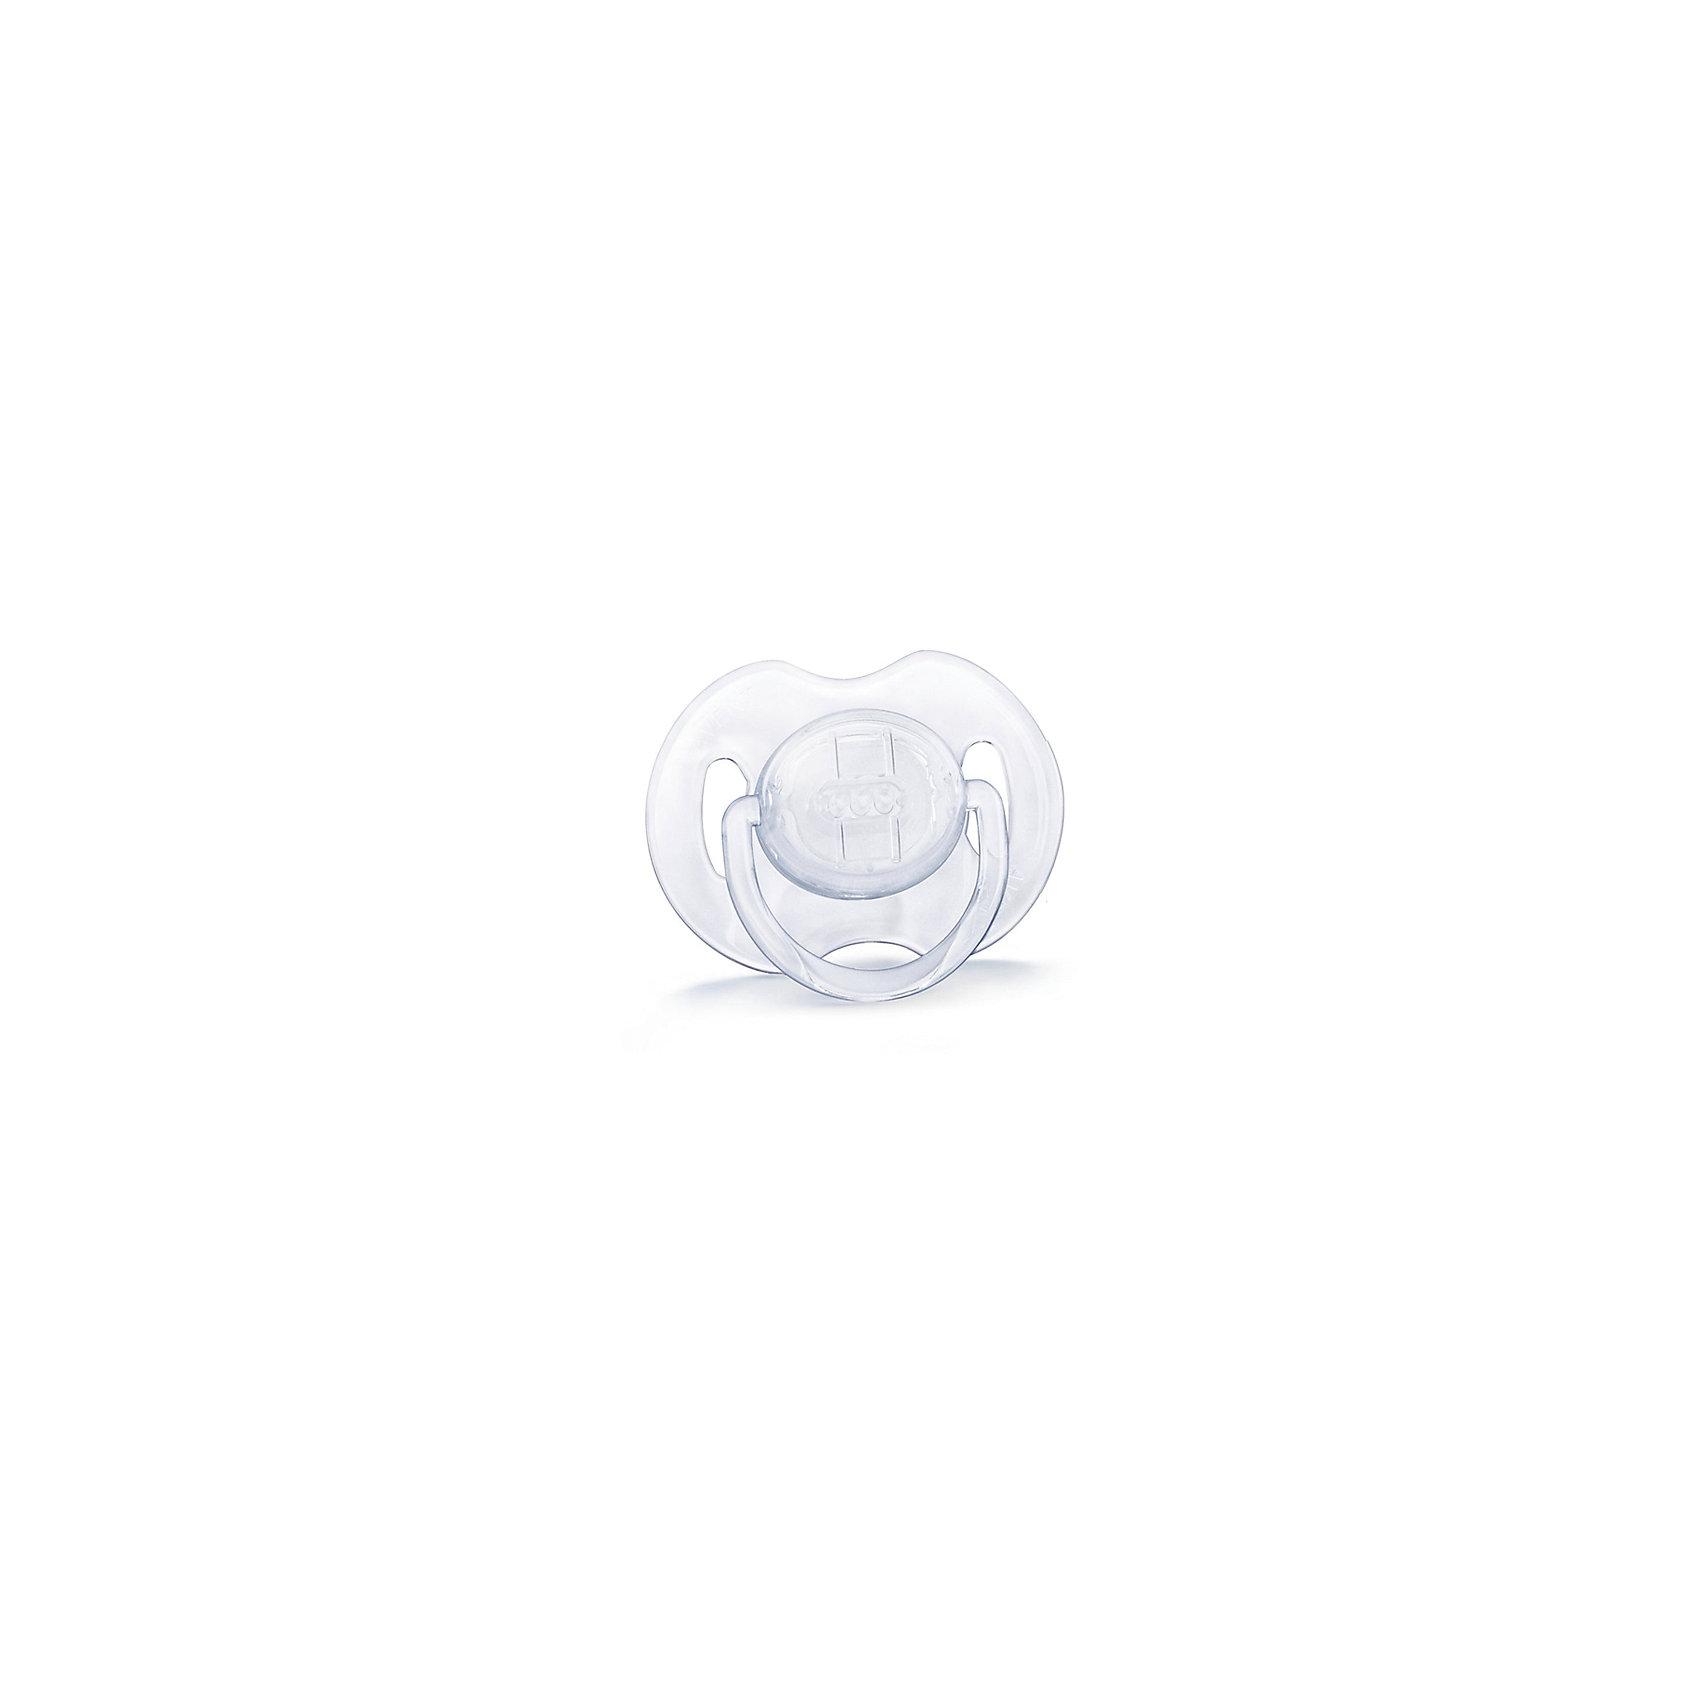 Силиконовая пустышка Классика, 0-6 мес., 2 шт., AVENT, белыйПустышки из силикона<br>Симметричные мягкие ортодонтические соски пустышек Philips AVENT (Филипс АВЕНТ) SCF170/18 учитывают строение и естественное развитие неба, зубов и десенмалыша. Все пустышки Philips AVENT изготовлены из силикона, не имеют вкуса и запаха.<br><br>- Ортодонтическая, симметричная съемная соска<br><br>Плоские симметричные соски пустышек Philips AVENT каплевидной формы учитывают строение и естественное развитие неба, зубов и десен малыша и гарантируют комфорт, даже если пустышка переворачивается во рту.<br><br>- Удобные силиконовые соски<br><br>Силиконовые соски пустышек Philips AVENT не обладают вкусом и запахом, что делает их наиболее приемлемыми для малыша. Силикон — это мягкий и прозрачный материал, который не липнет и легко моется. Такая соска прочна и прослужит долго, не потеряв со временем форму и цвет.<br><br>- Предохранительное кольцо-держатель позволяет с легкостью вынуть пустышку Philips AVENT в любой момент.<br><br>- Защелкивающийся защитный колпачок для сохранения чистоты стерилизованных сосок.<br><br>В комплект входят:<br>• Силиконовая соска: 2 шт.<br>• Защелкивающийся защитный колпачок: 2 шт.<br><br>Ортодонтическая форма для максимального комфорта!<br><br>Дополнительная информация:<br><br>- Возраст: 0—6 месяцев<br>- Можно стерилизовать<br>- Можно мыть в посудомоечной машине<br>- Не содержит бисфенол-А<br><br>Силиконовую пустышку Классика, 0-6 мес., 2 шт., AVENT можно купить в нашем интернет-магазине.<br><br>Ширина мм: 50<br>Глубина мм: 100<br>Высота мм: 100<br>Вес г: 63<br>Возраст от месяцев: 0<br>Возраст до месяцев: 6<br>Пол: Унисекс<br>Возраст: Детский<br>SKU: 3345779